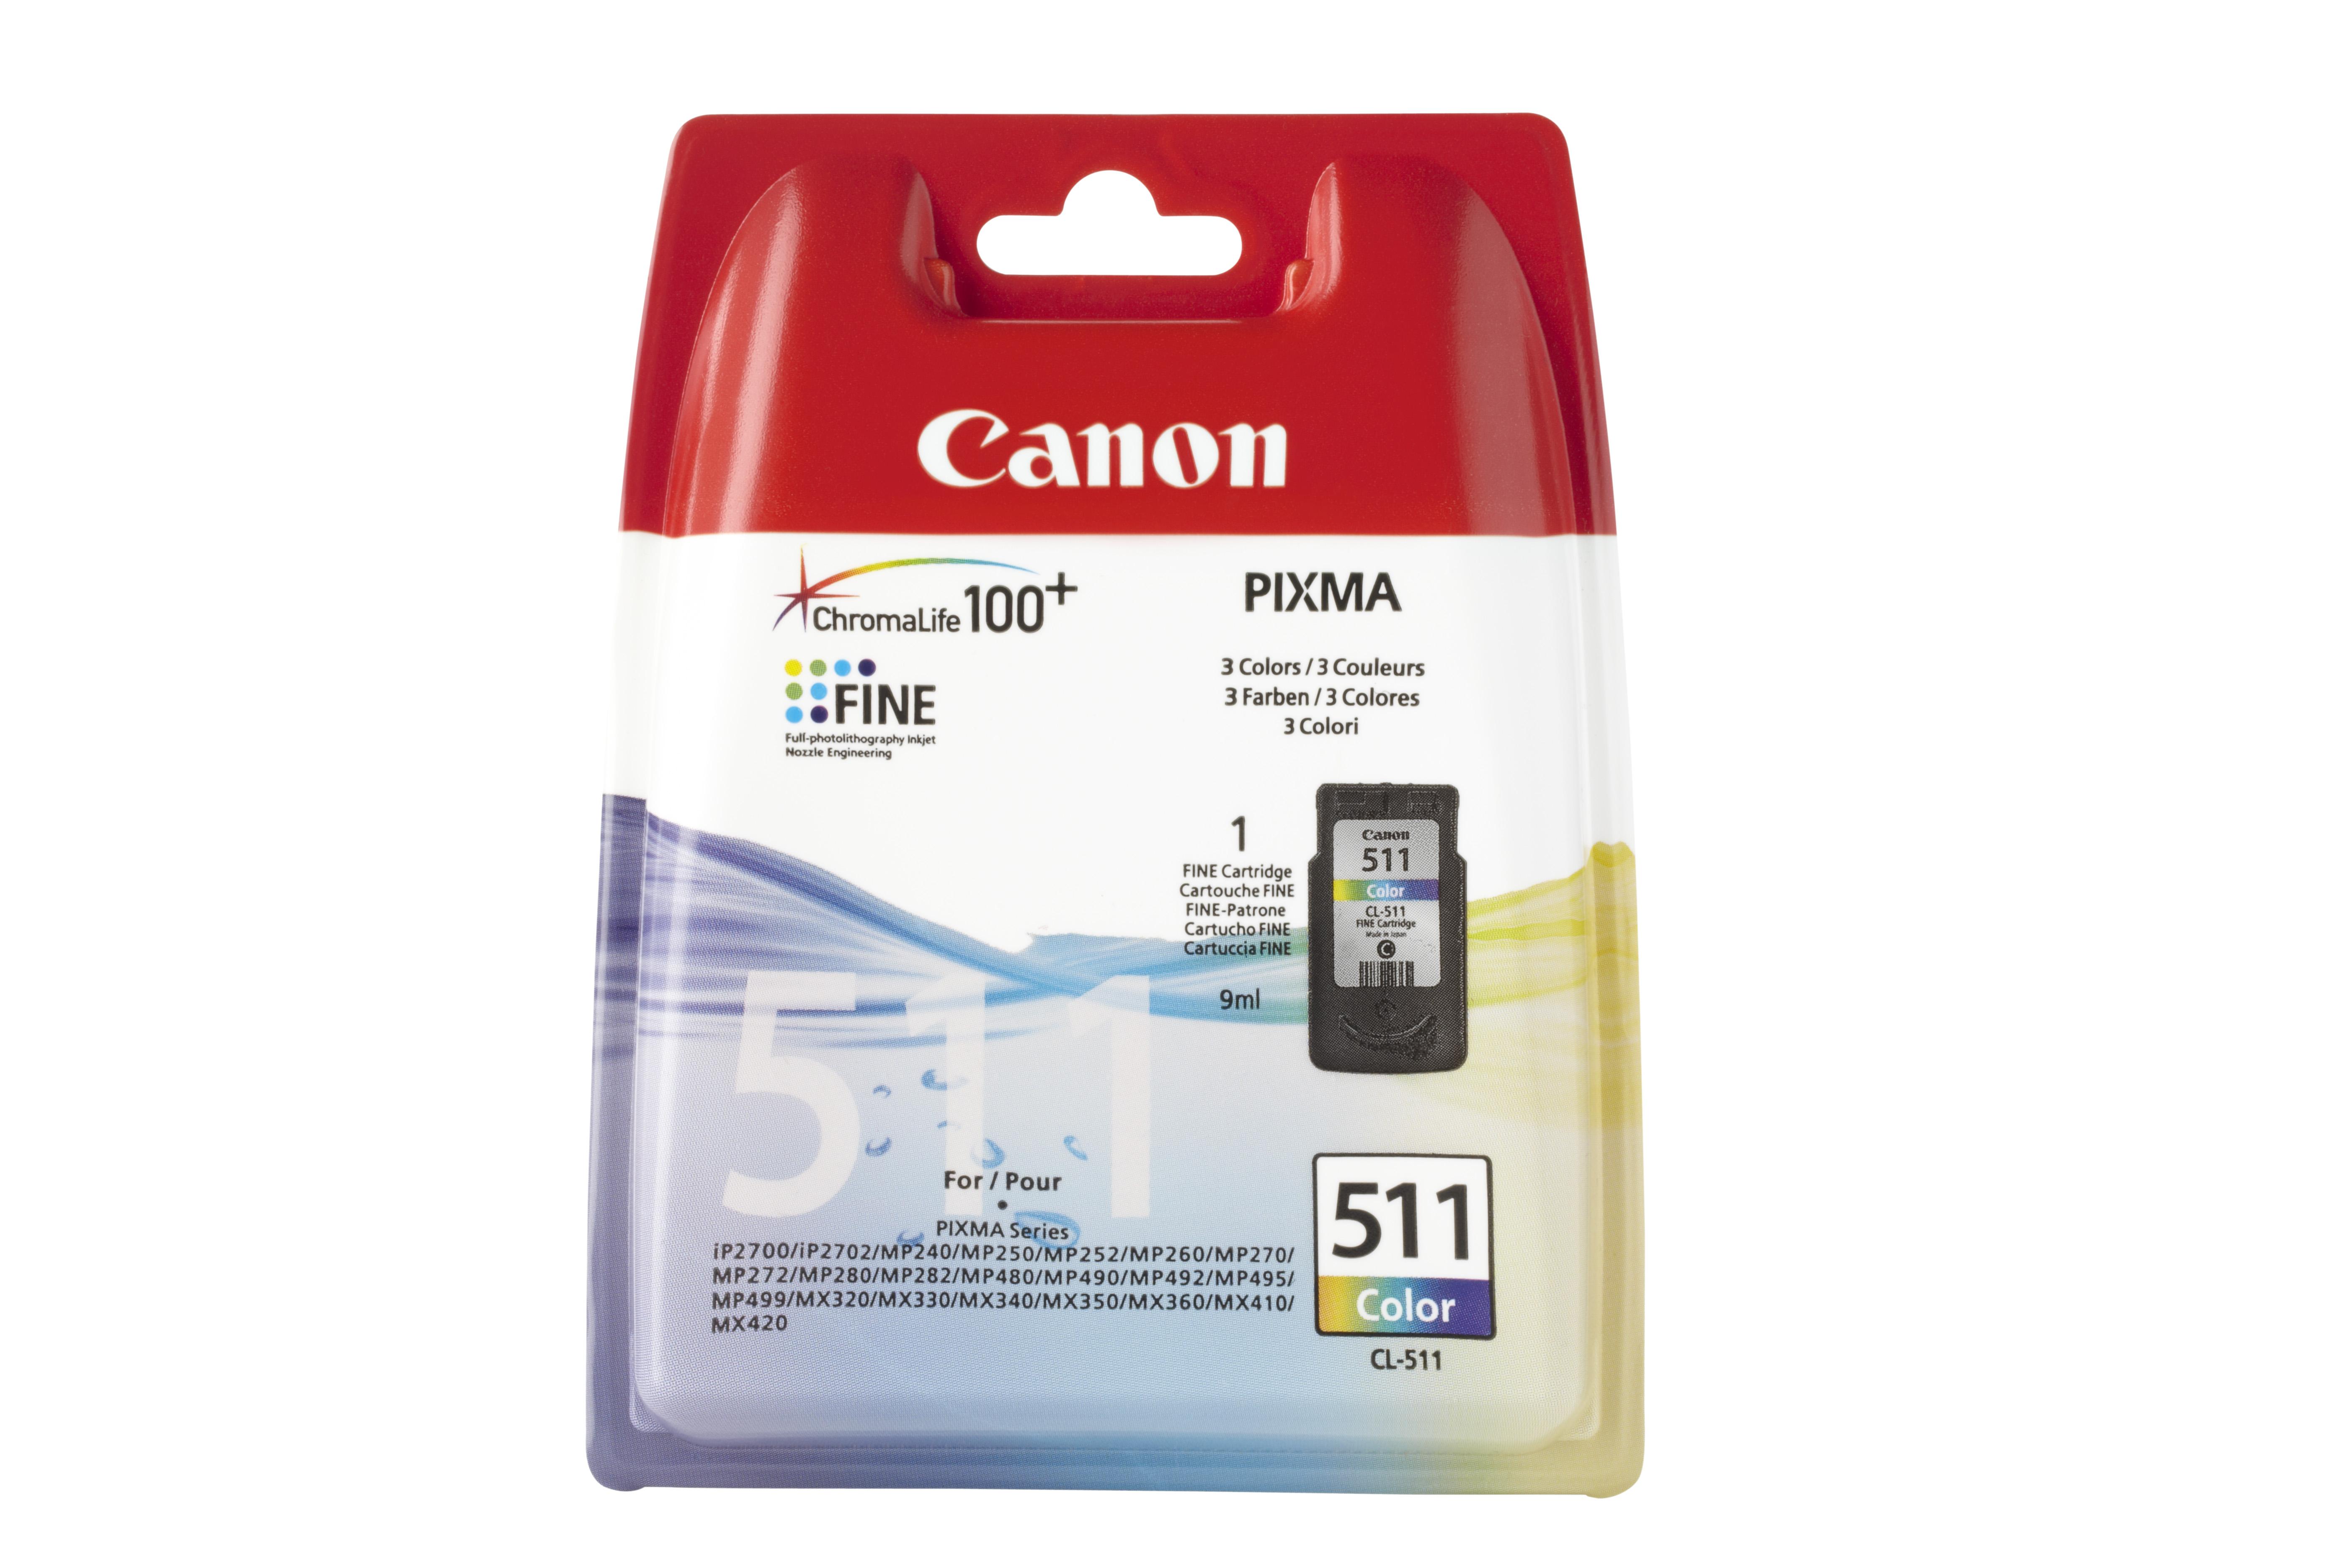 Vorschau: Original Canon CL-511 für PIXMA MP240 MP260 MX320 color